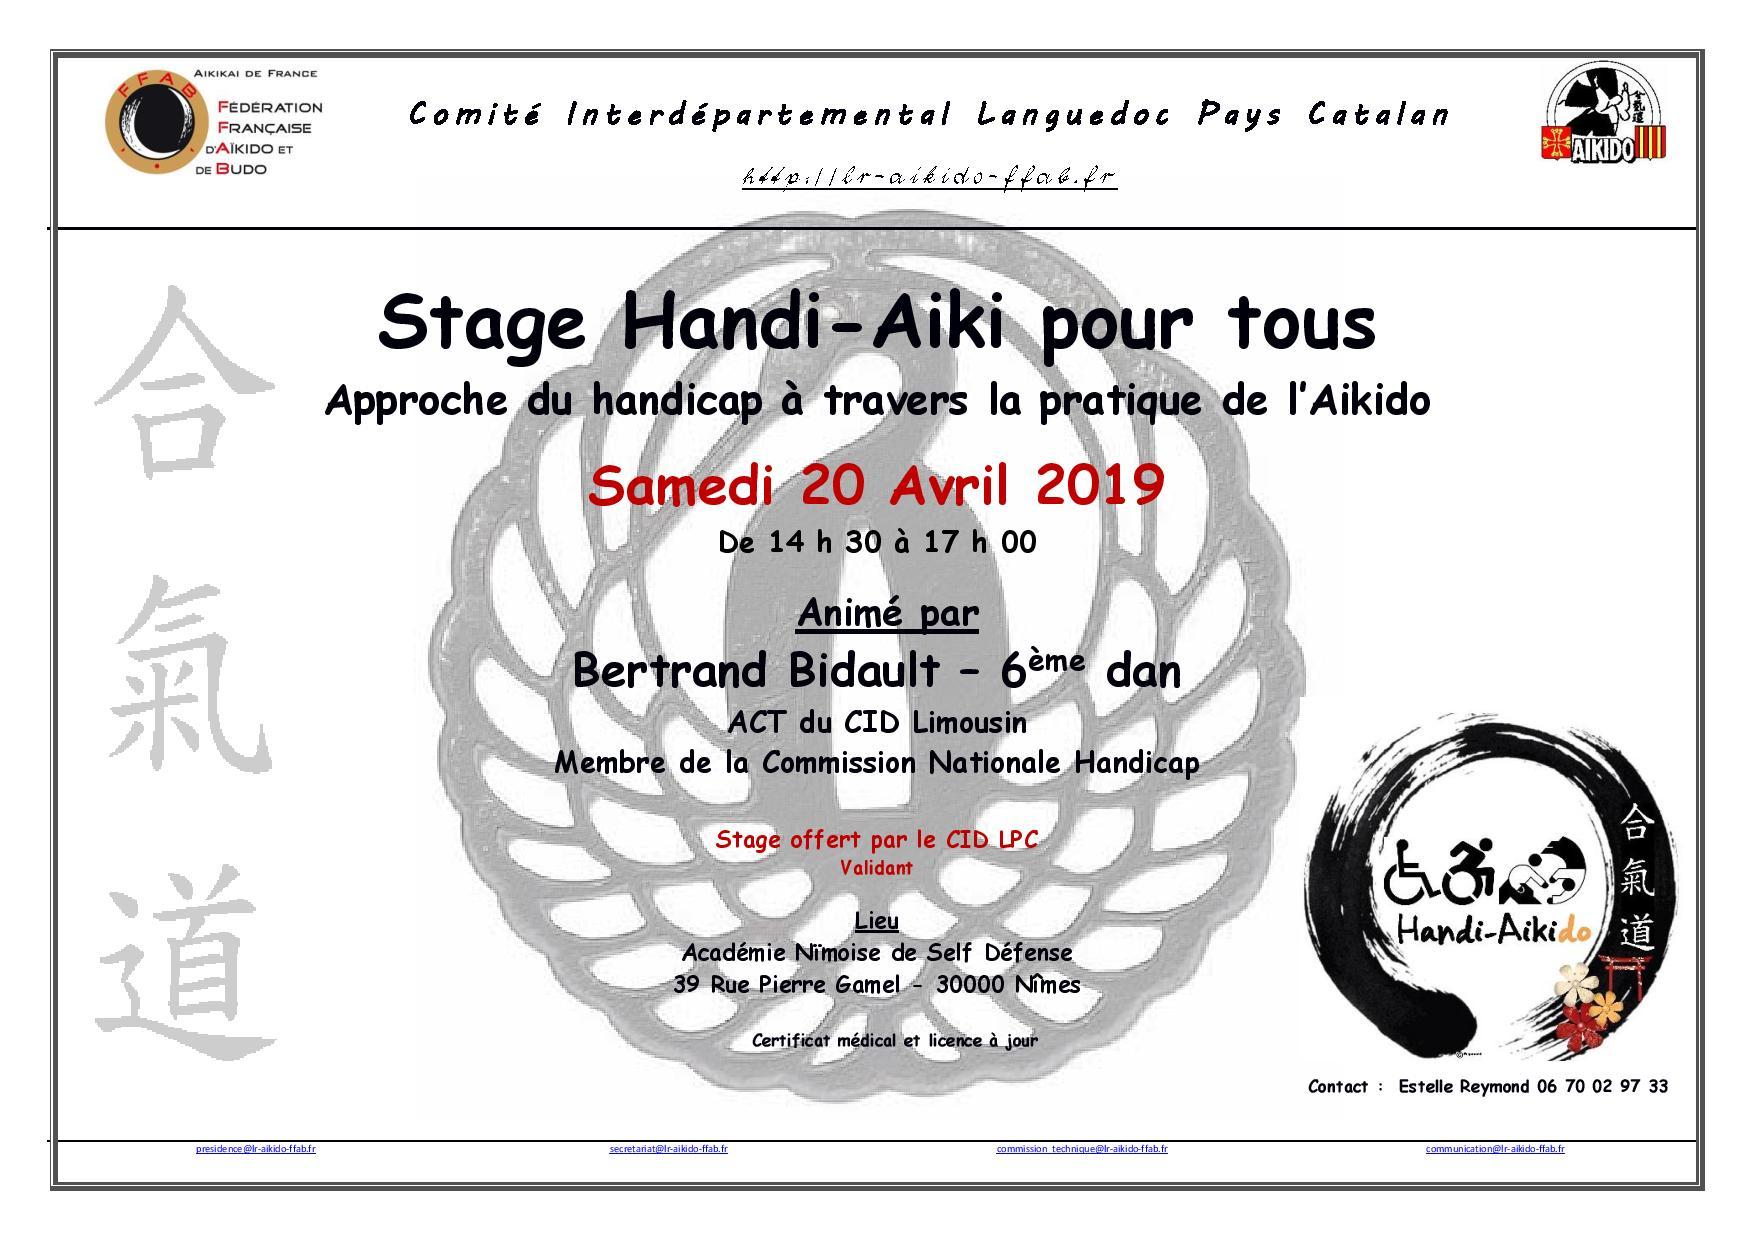 AFFICHE HANDI AIKI 20 AVRIL-page-001.jpg